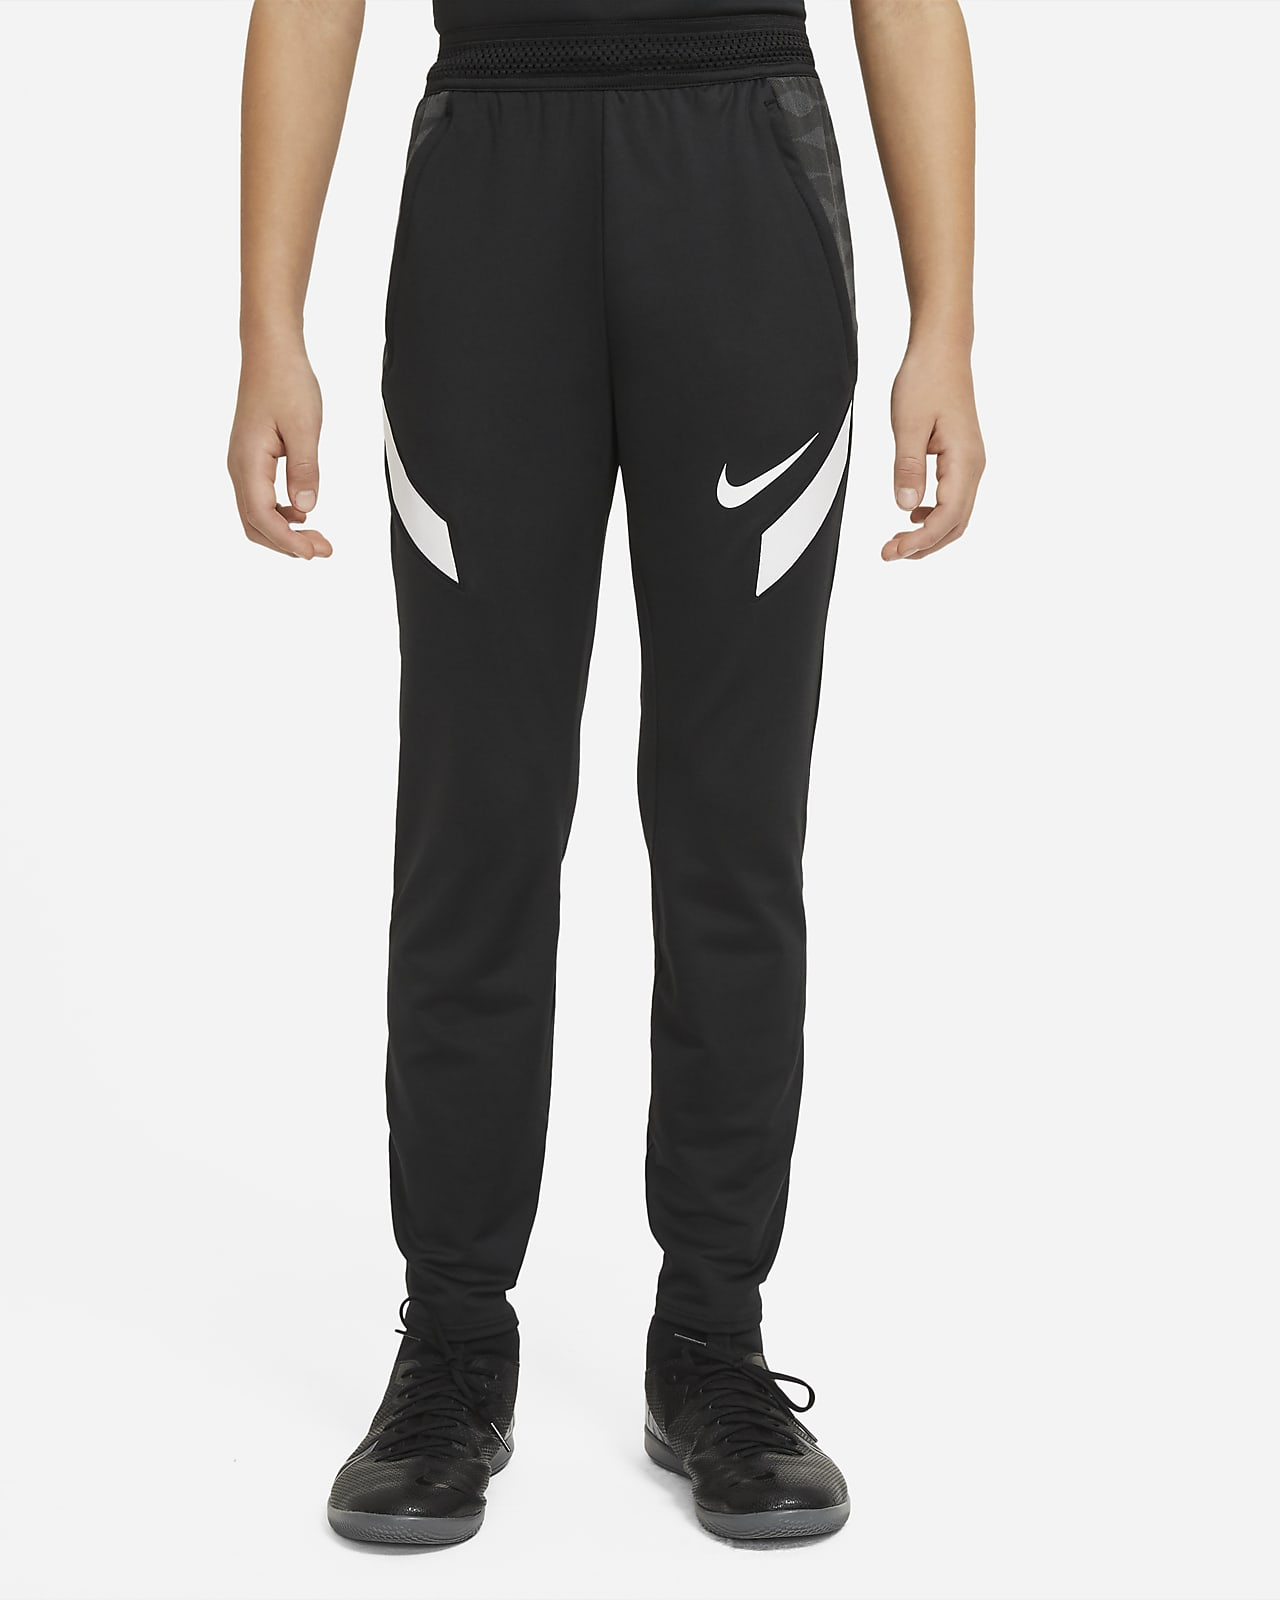 Spodnie piłkarskie z dzianiny dla dużych dzieci Nike Dri-FIT Strike